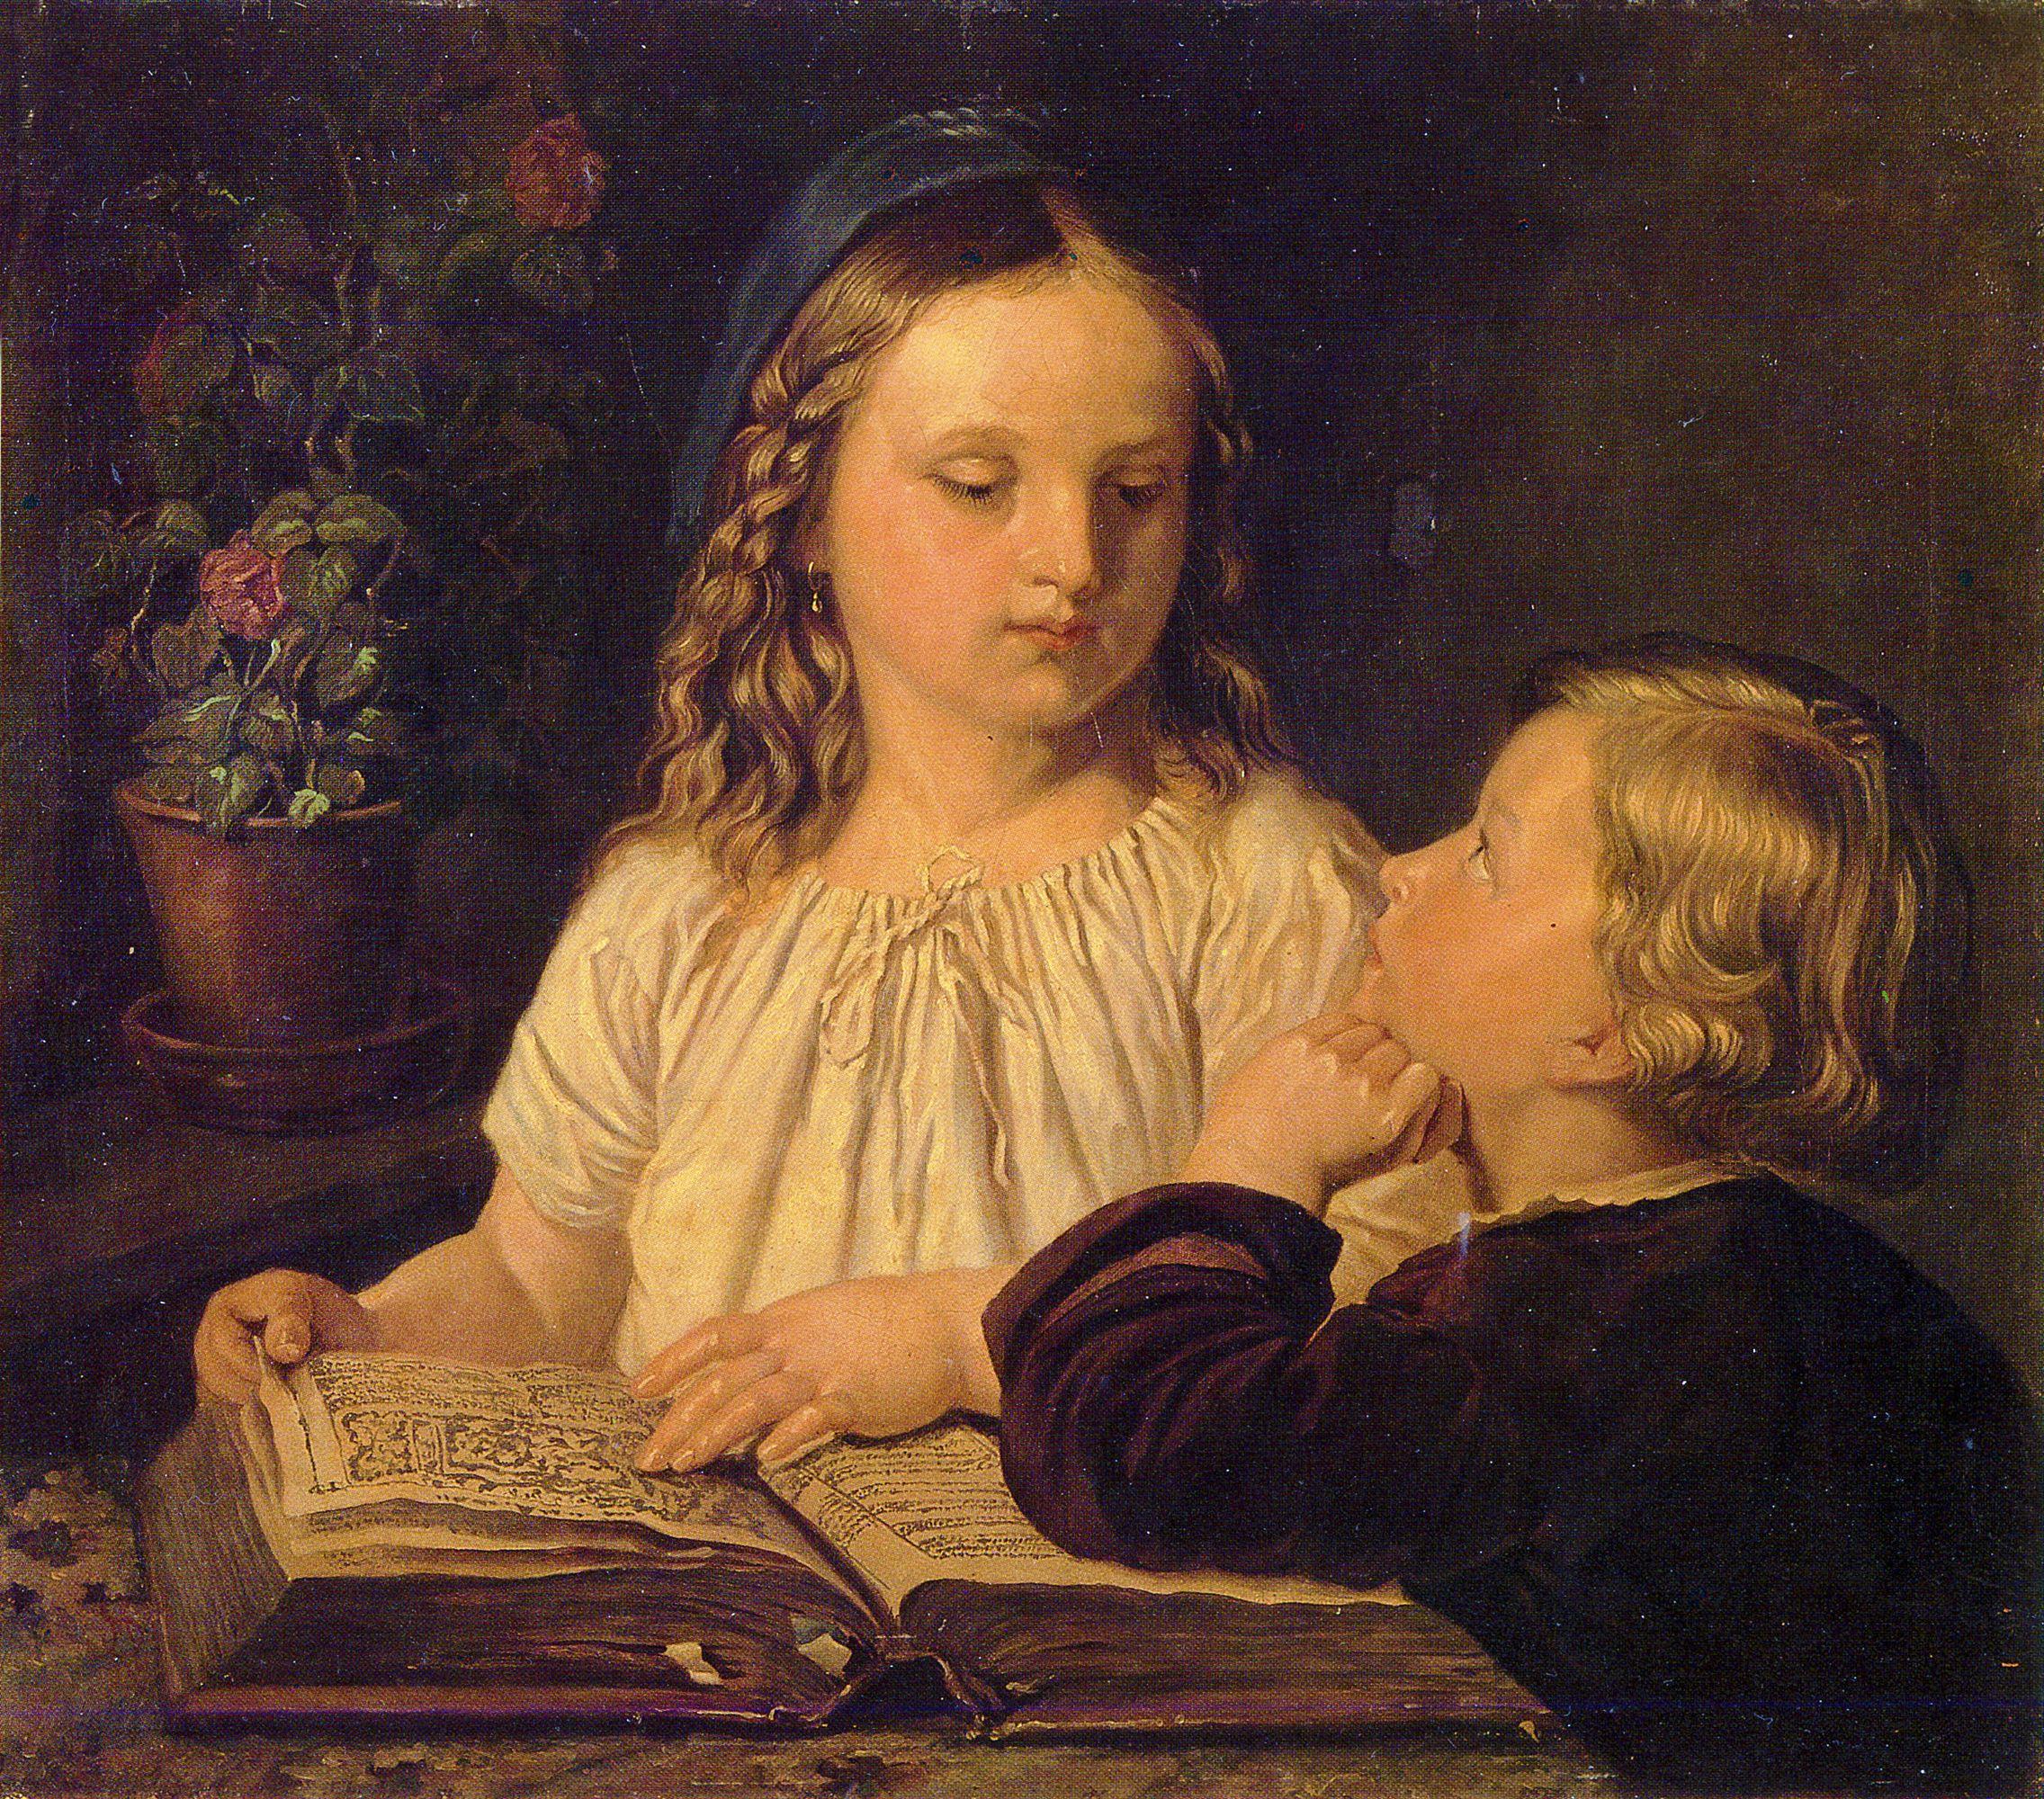 Фелікс Ян Щенсни Моравський. Діти з книгою, 1867; олія на полотні, 63х73 см; ЛНГМ